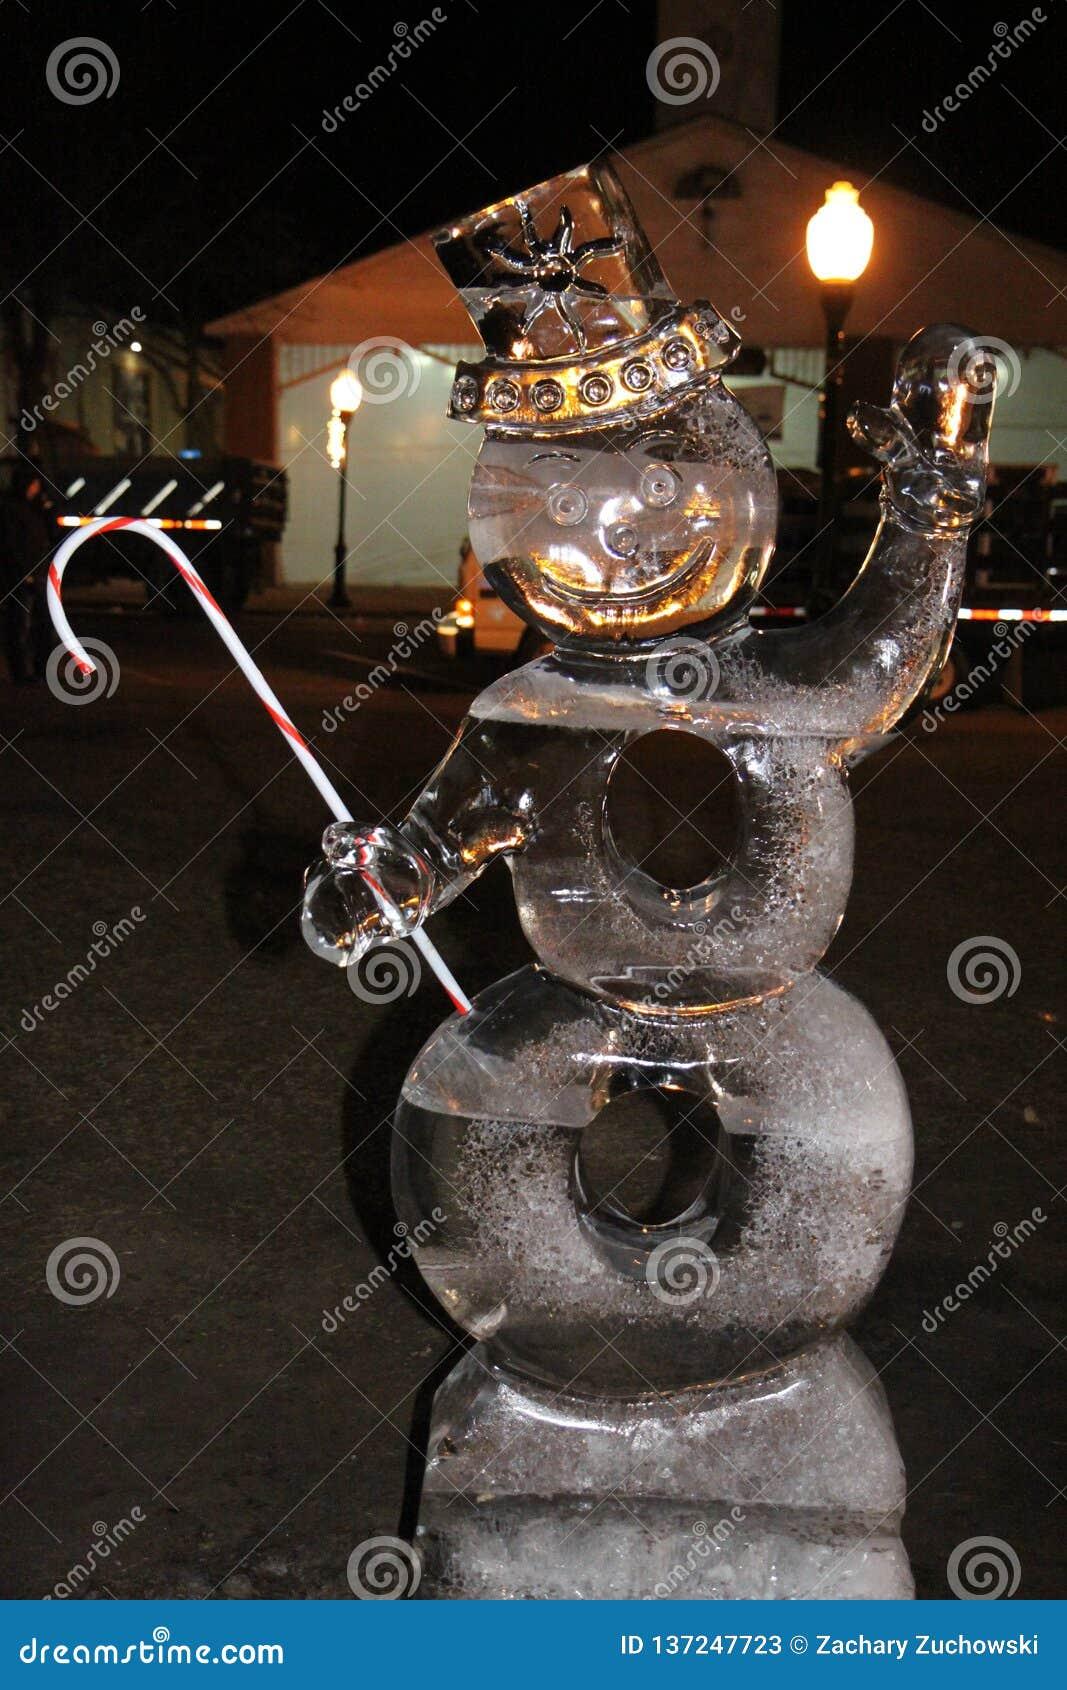 Escarchado la escultura de hielo del muñeco de nieve con un bastón de caramelo